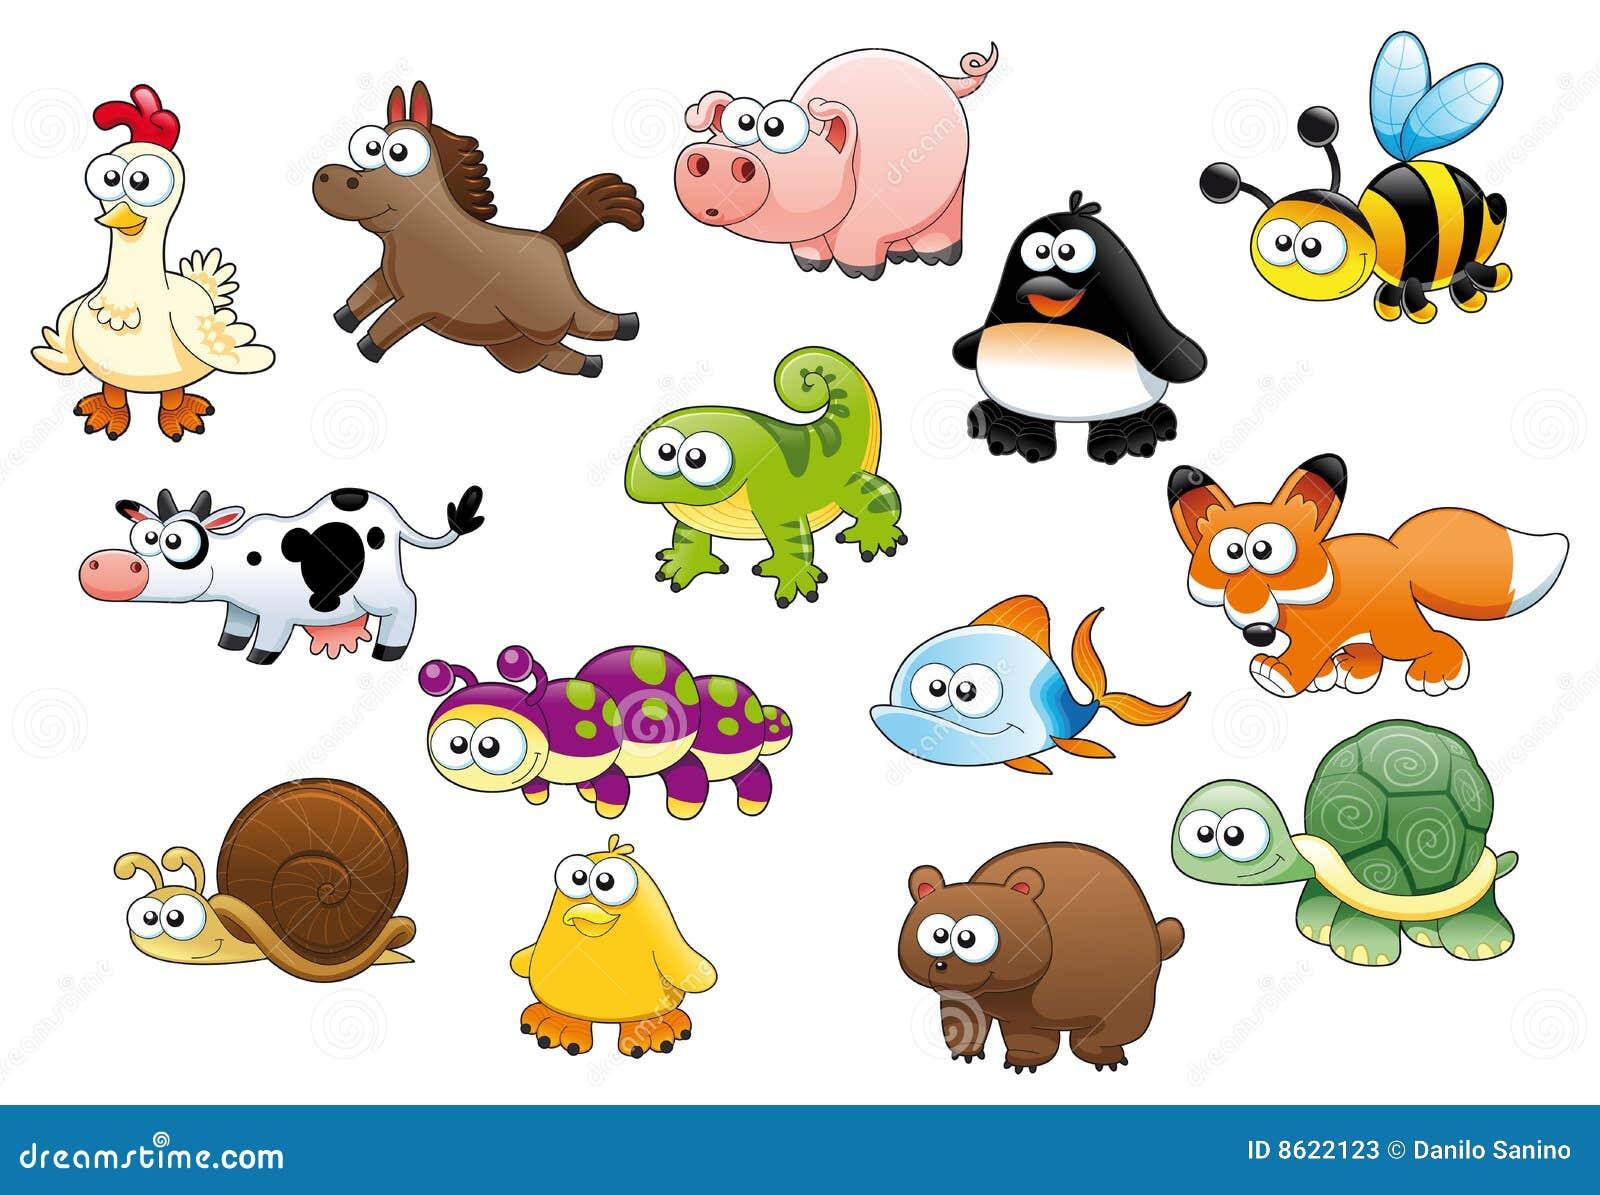 Cartoon Animals And Pets Stock Photos Image 8622123